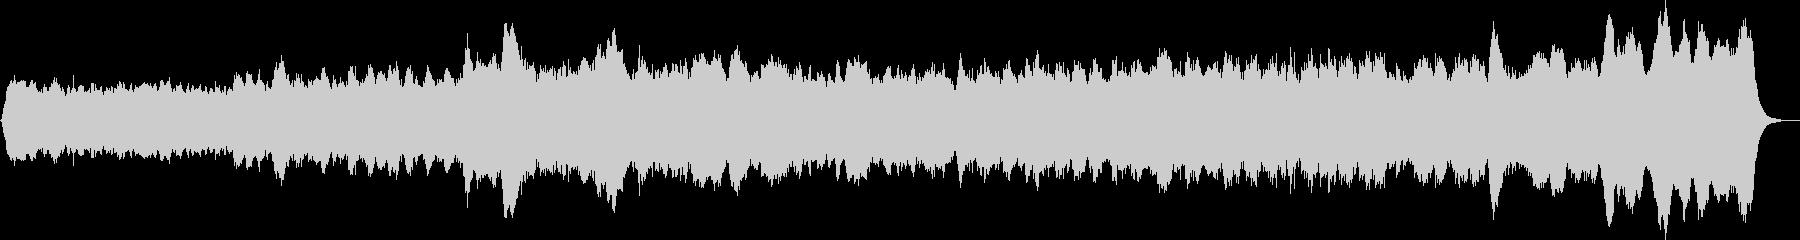 パイプオルガンオリジナル前奏曲の未再生の波形